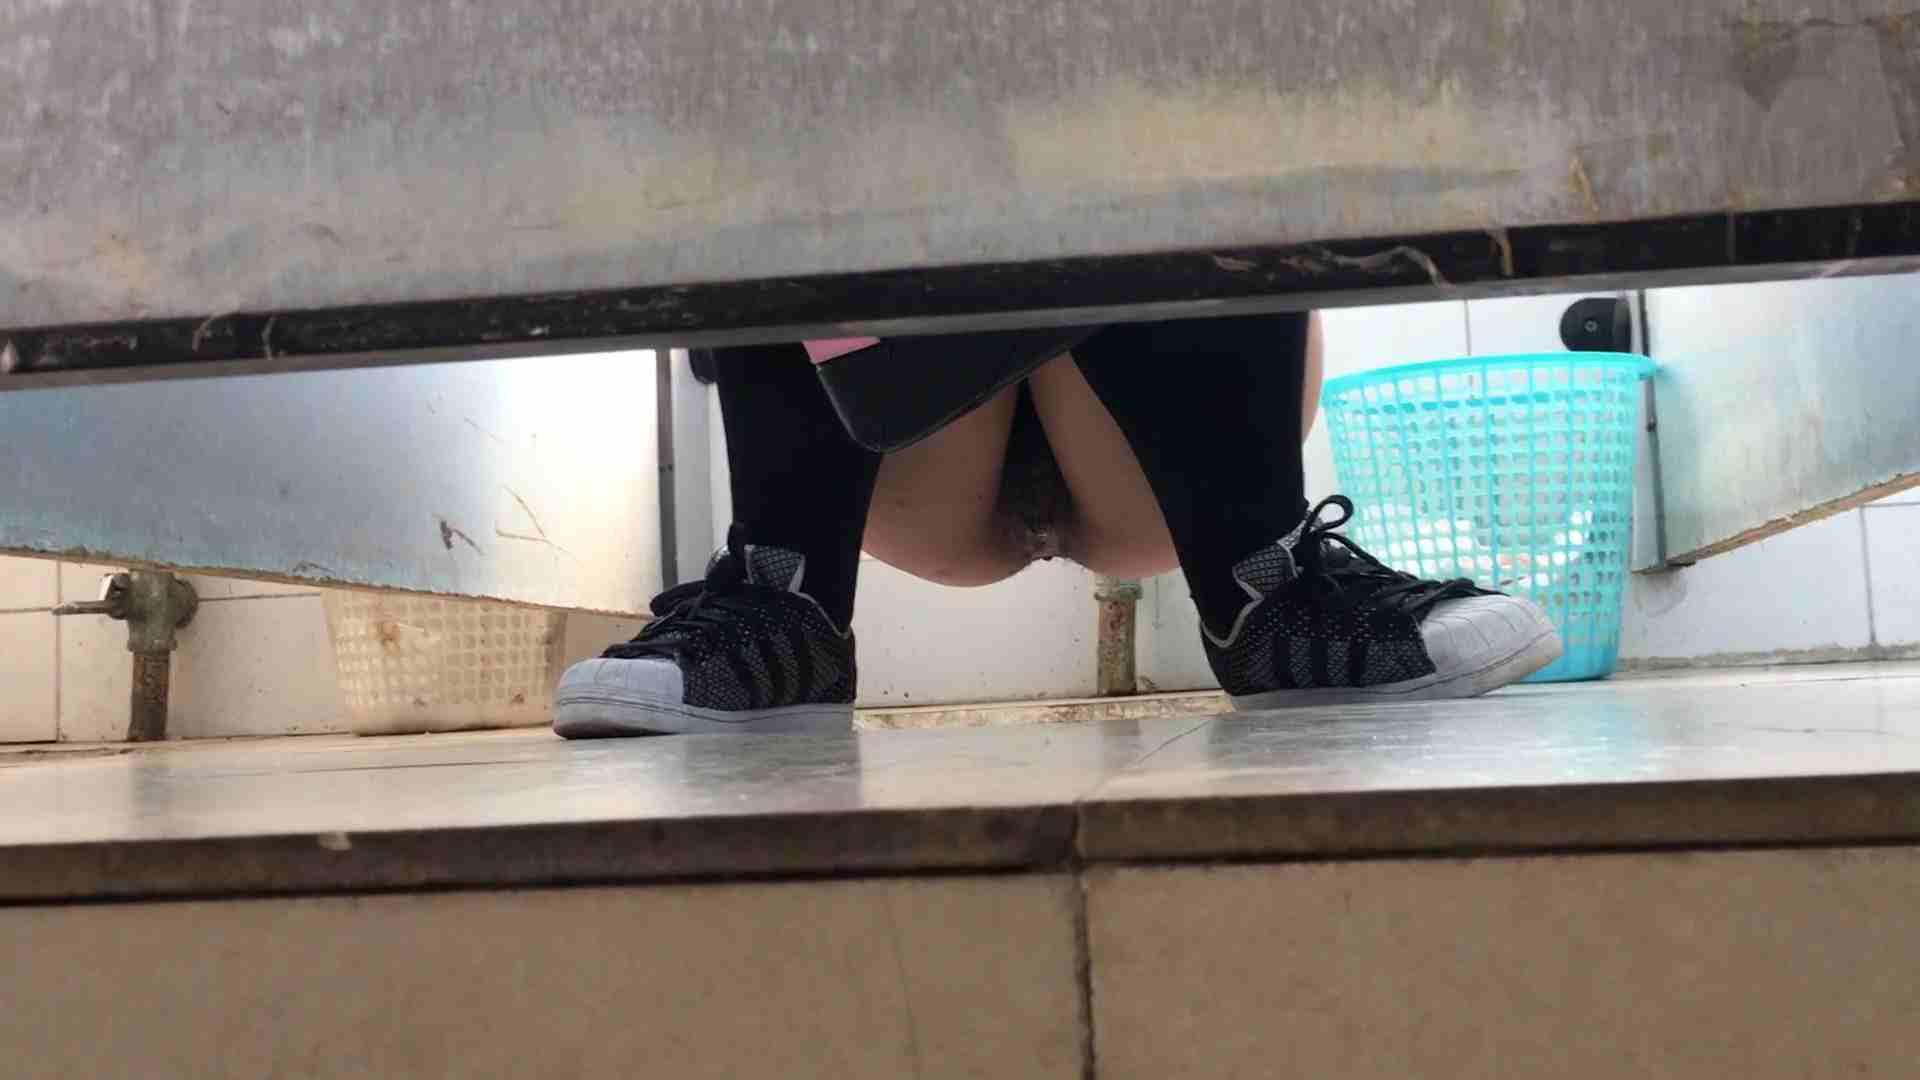 芸術大学ガチ潜入盗撮 JD盗撮 美女の洗面所の秘密 Vol.93 トイレのぞき セックス画像 62画像 41